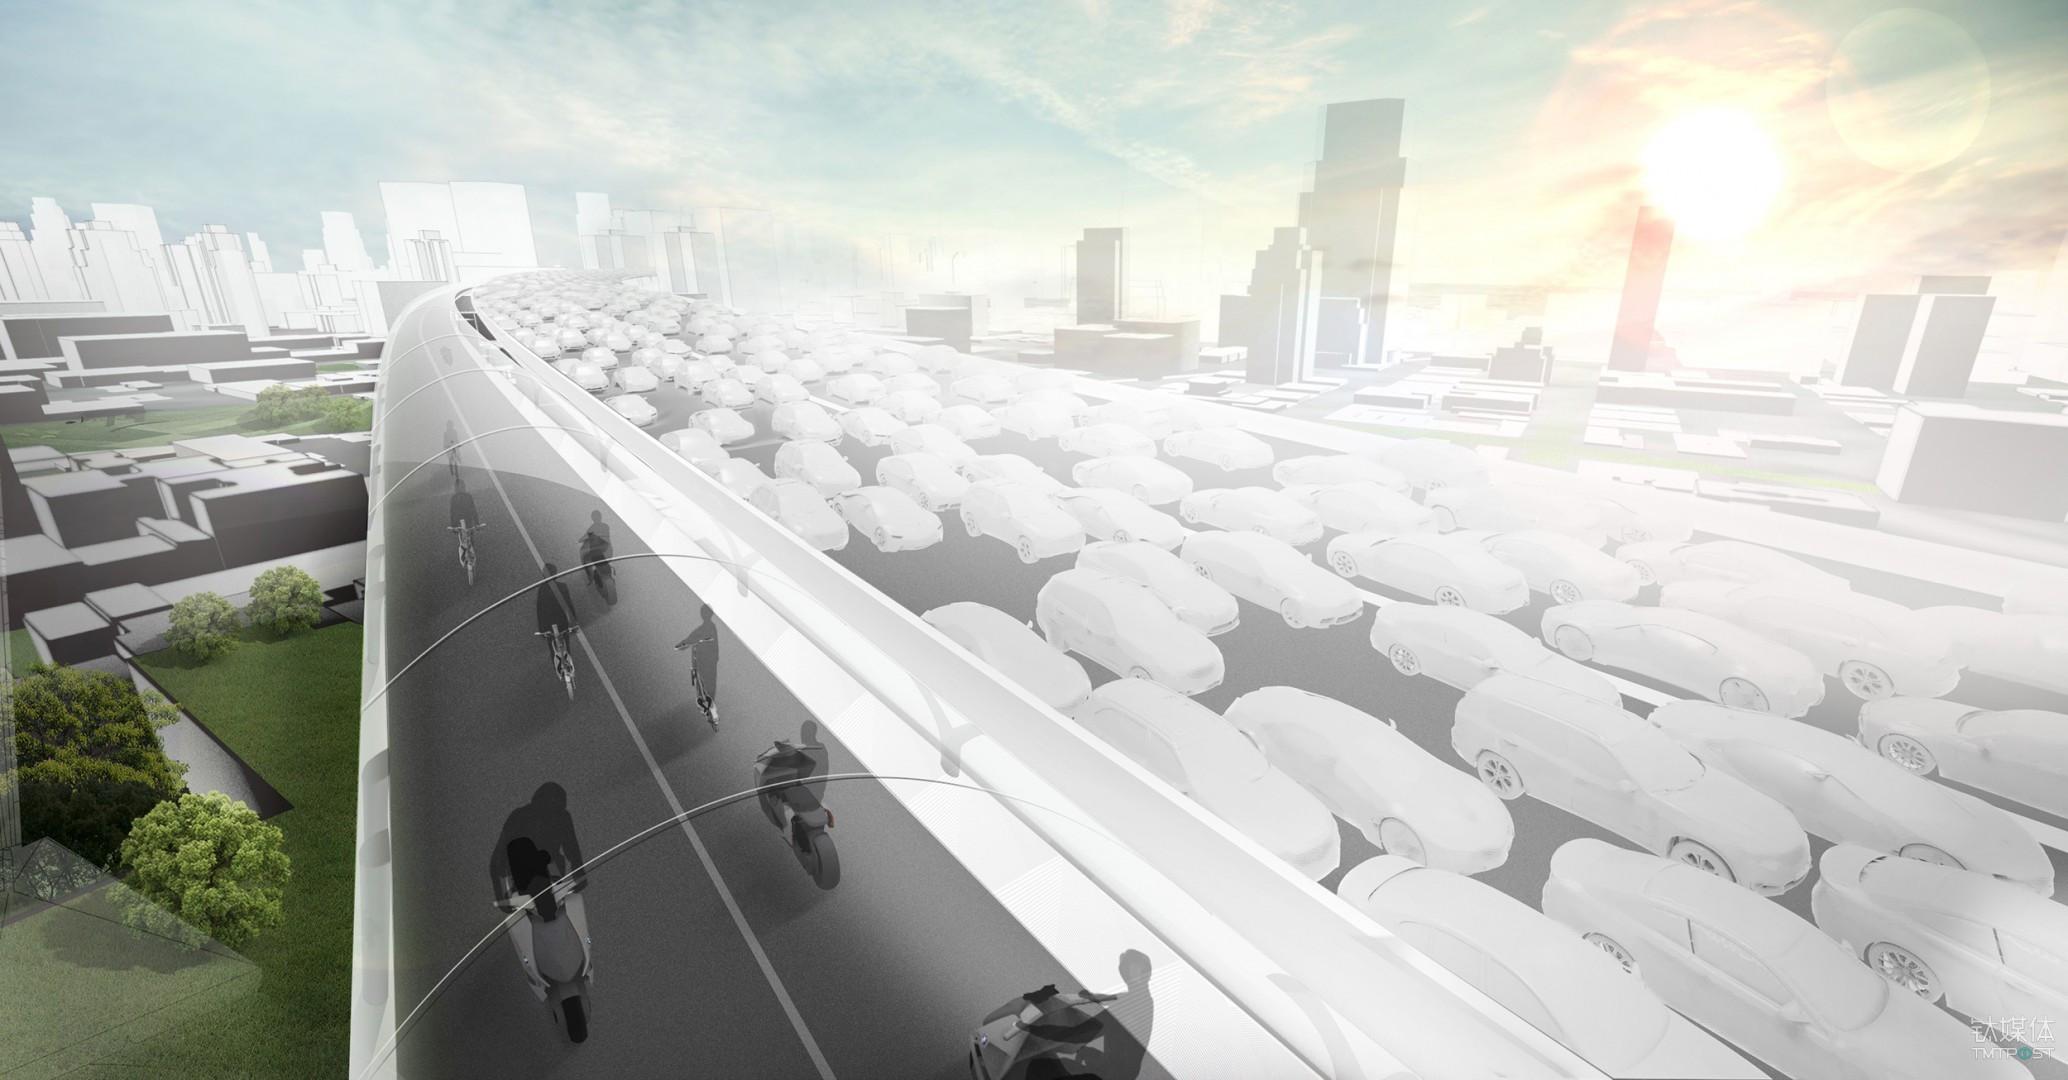 """智慧城市--天马行空畅想未来交通,宝马提出一种""""电动两轮车高架道路系统"""""""